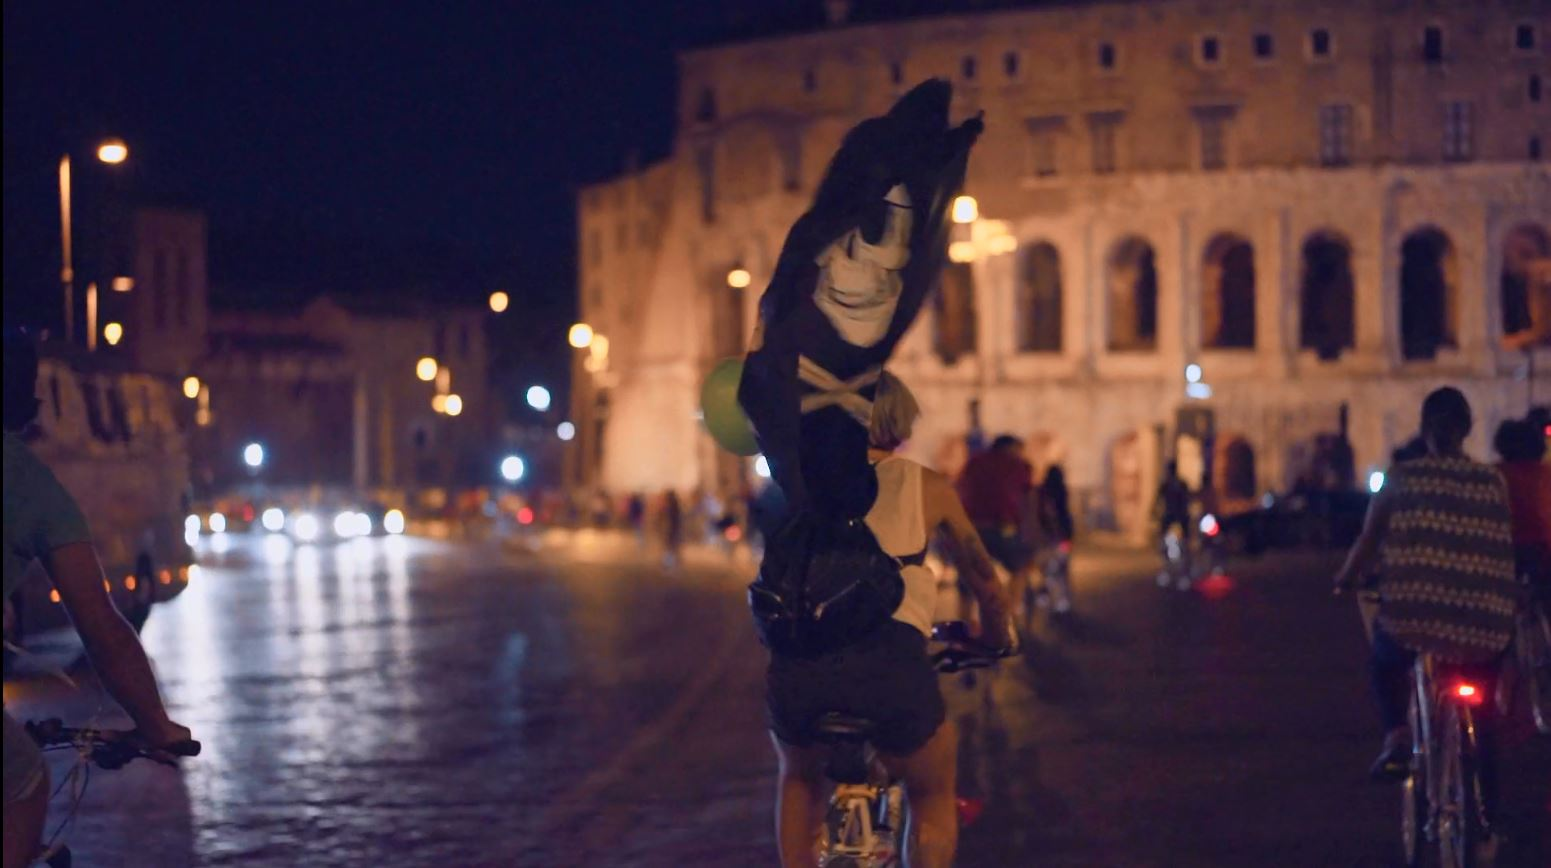 Un baile por Roma 14 - Be There Before